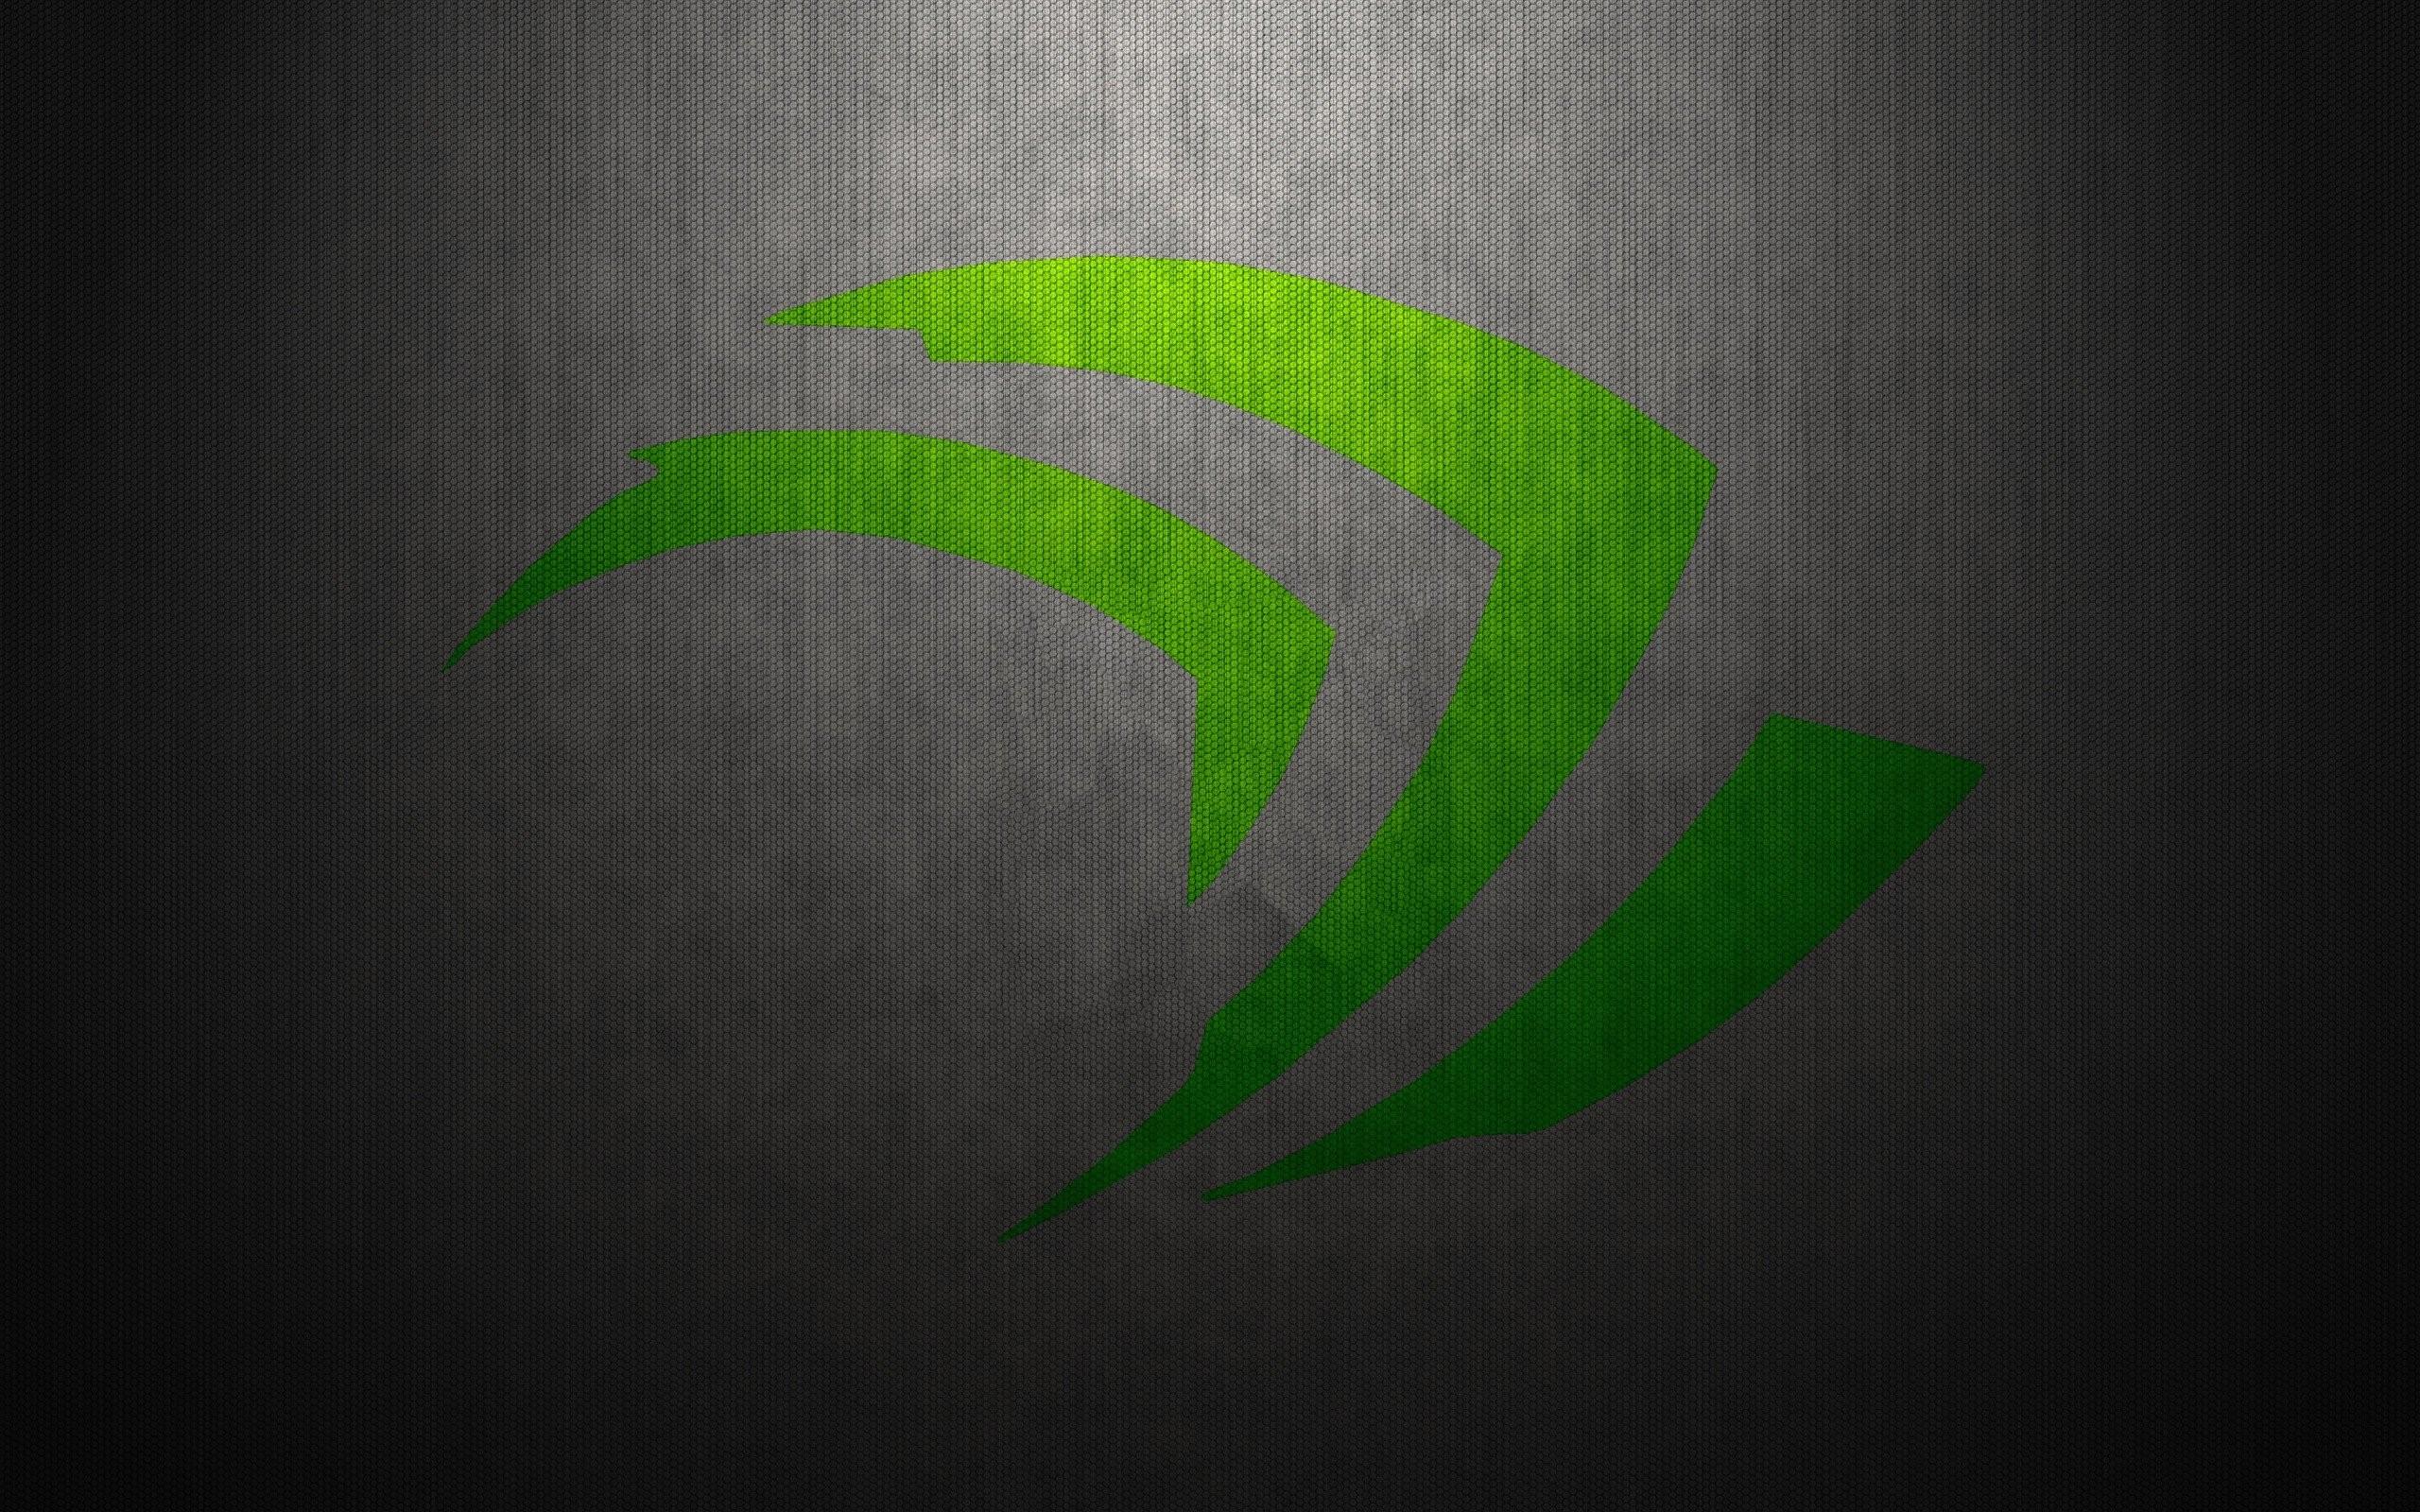 … Smartphone · Nvidia Widescreen Wallpaper